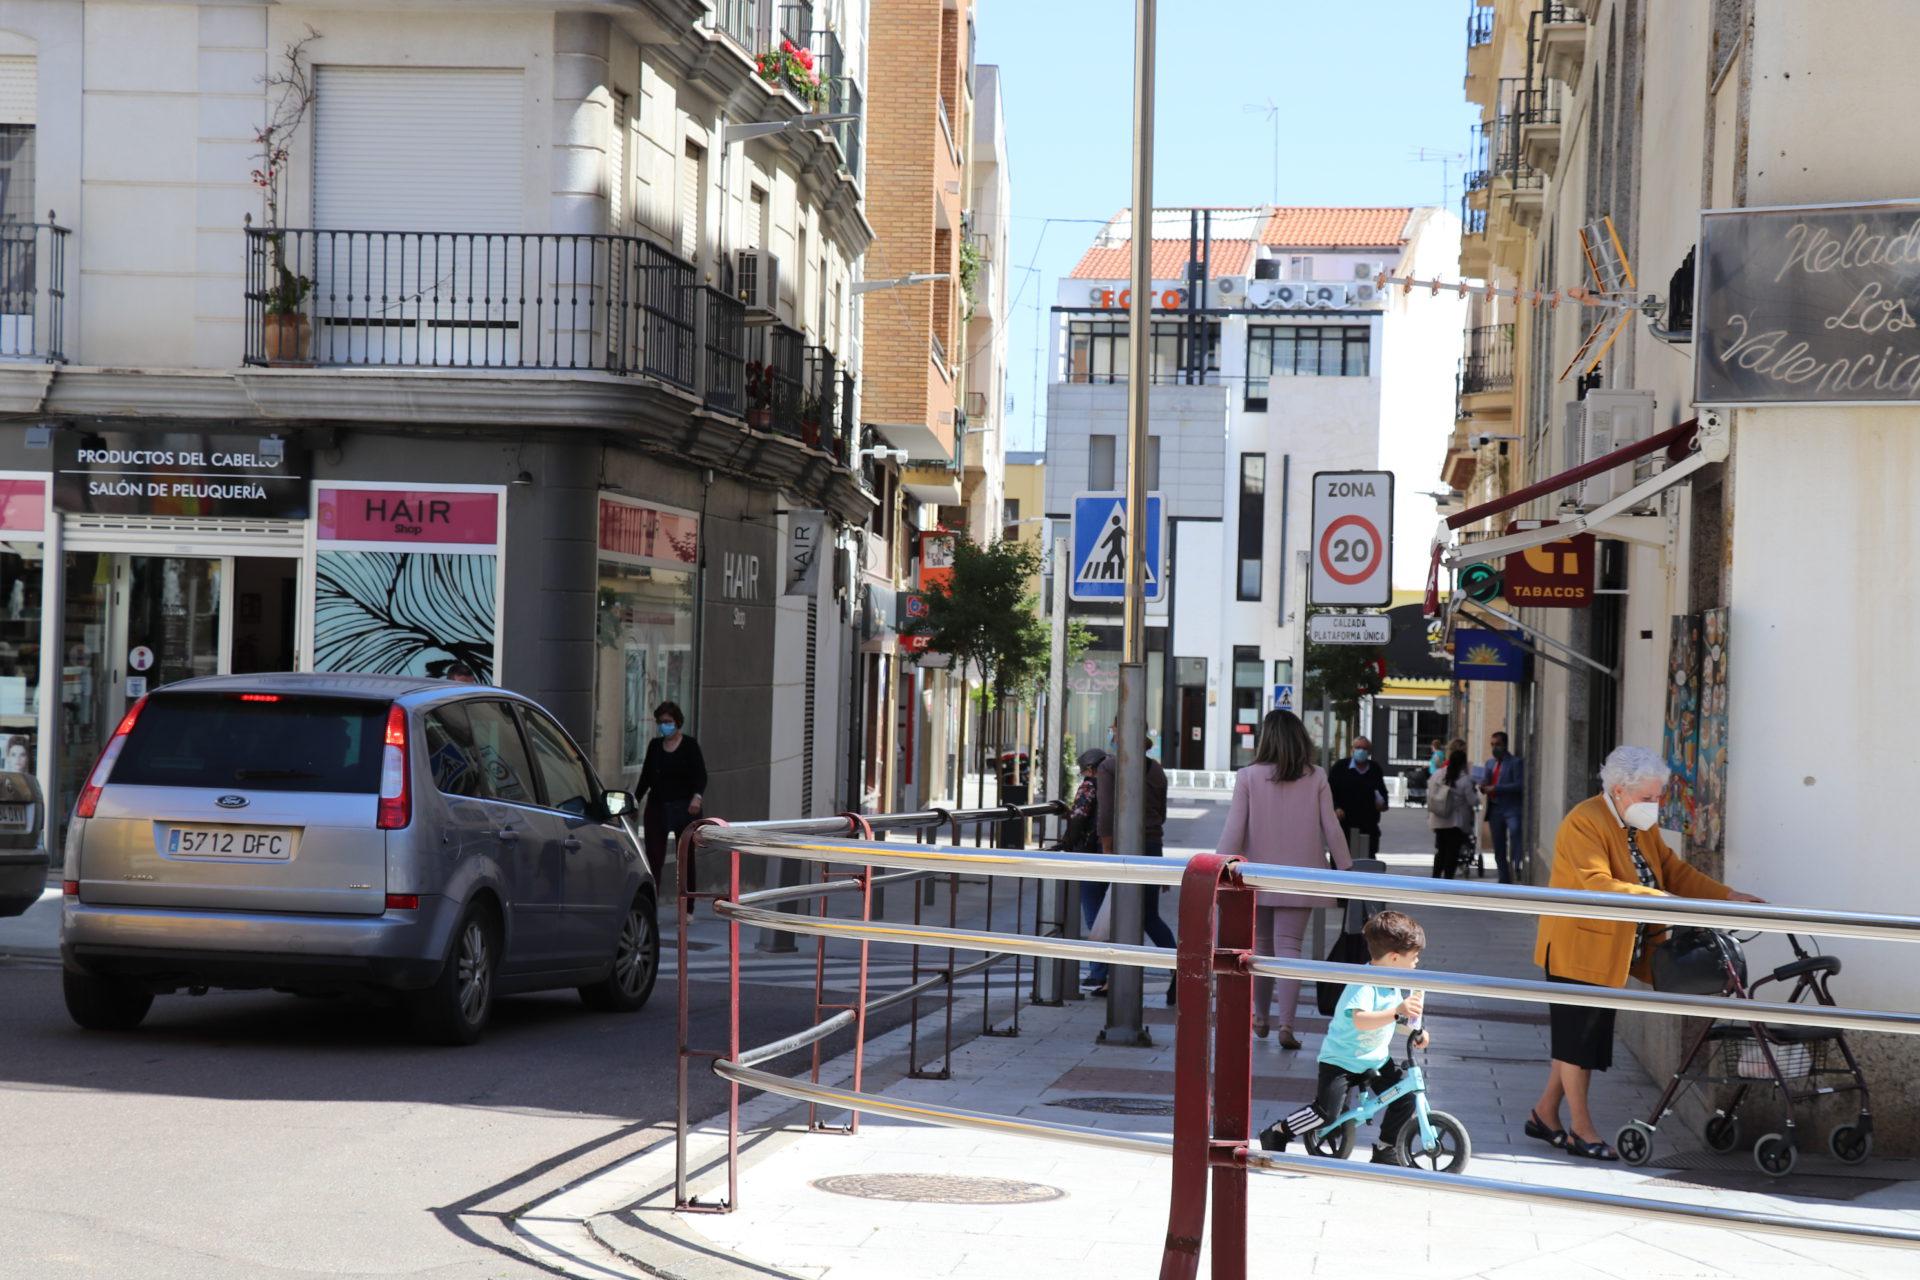 Las nuevas limitaciones de velocidad en el casco urbano entran en vigor el próximo martes 11